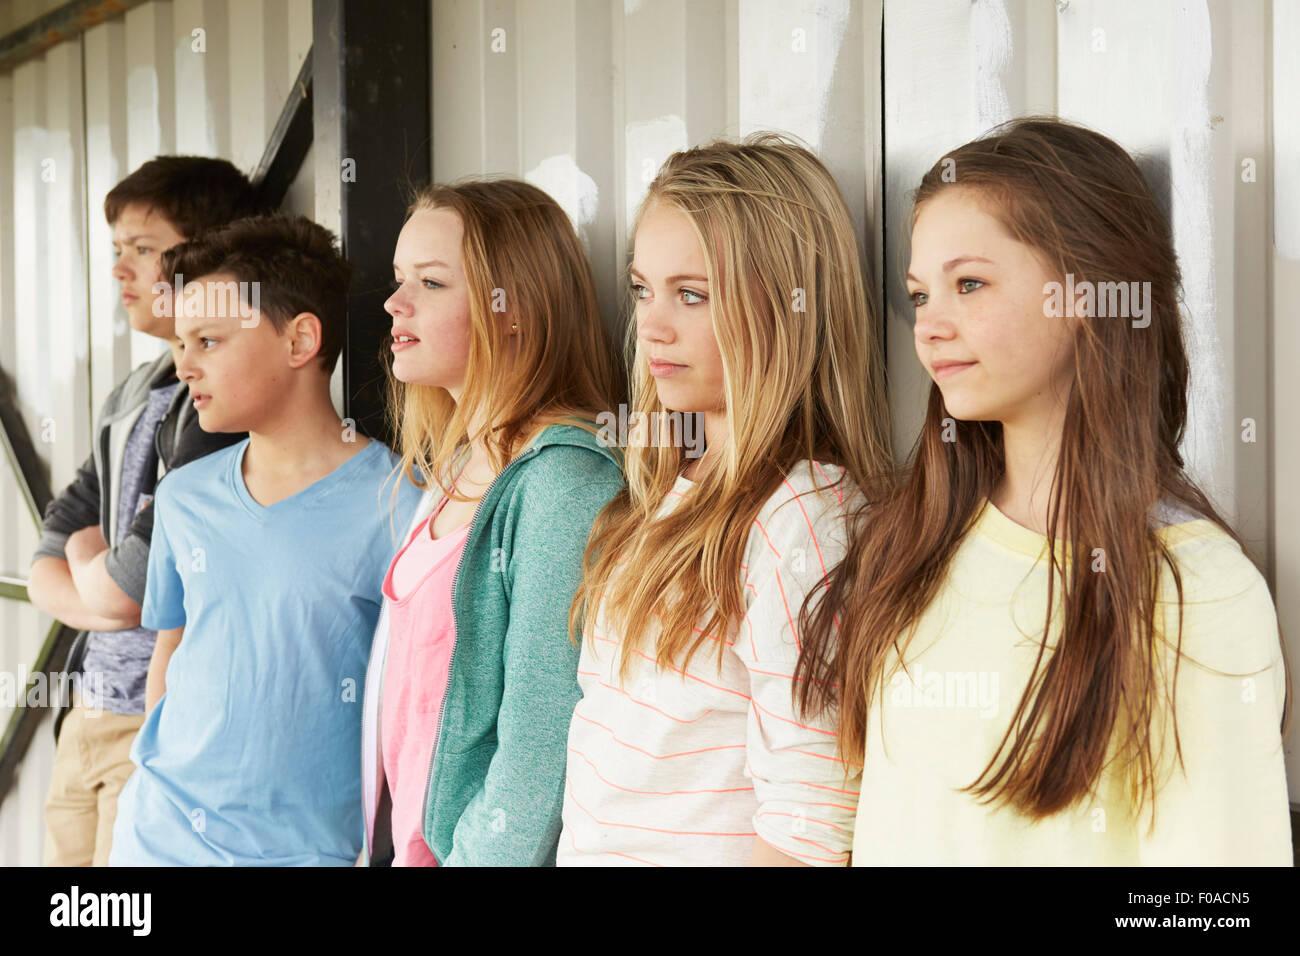 Fila di cinque ragazze e ragazzi guardando fuori dal rifugio Immagini Stock